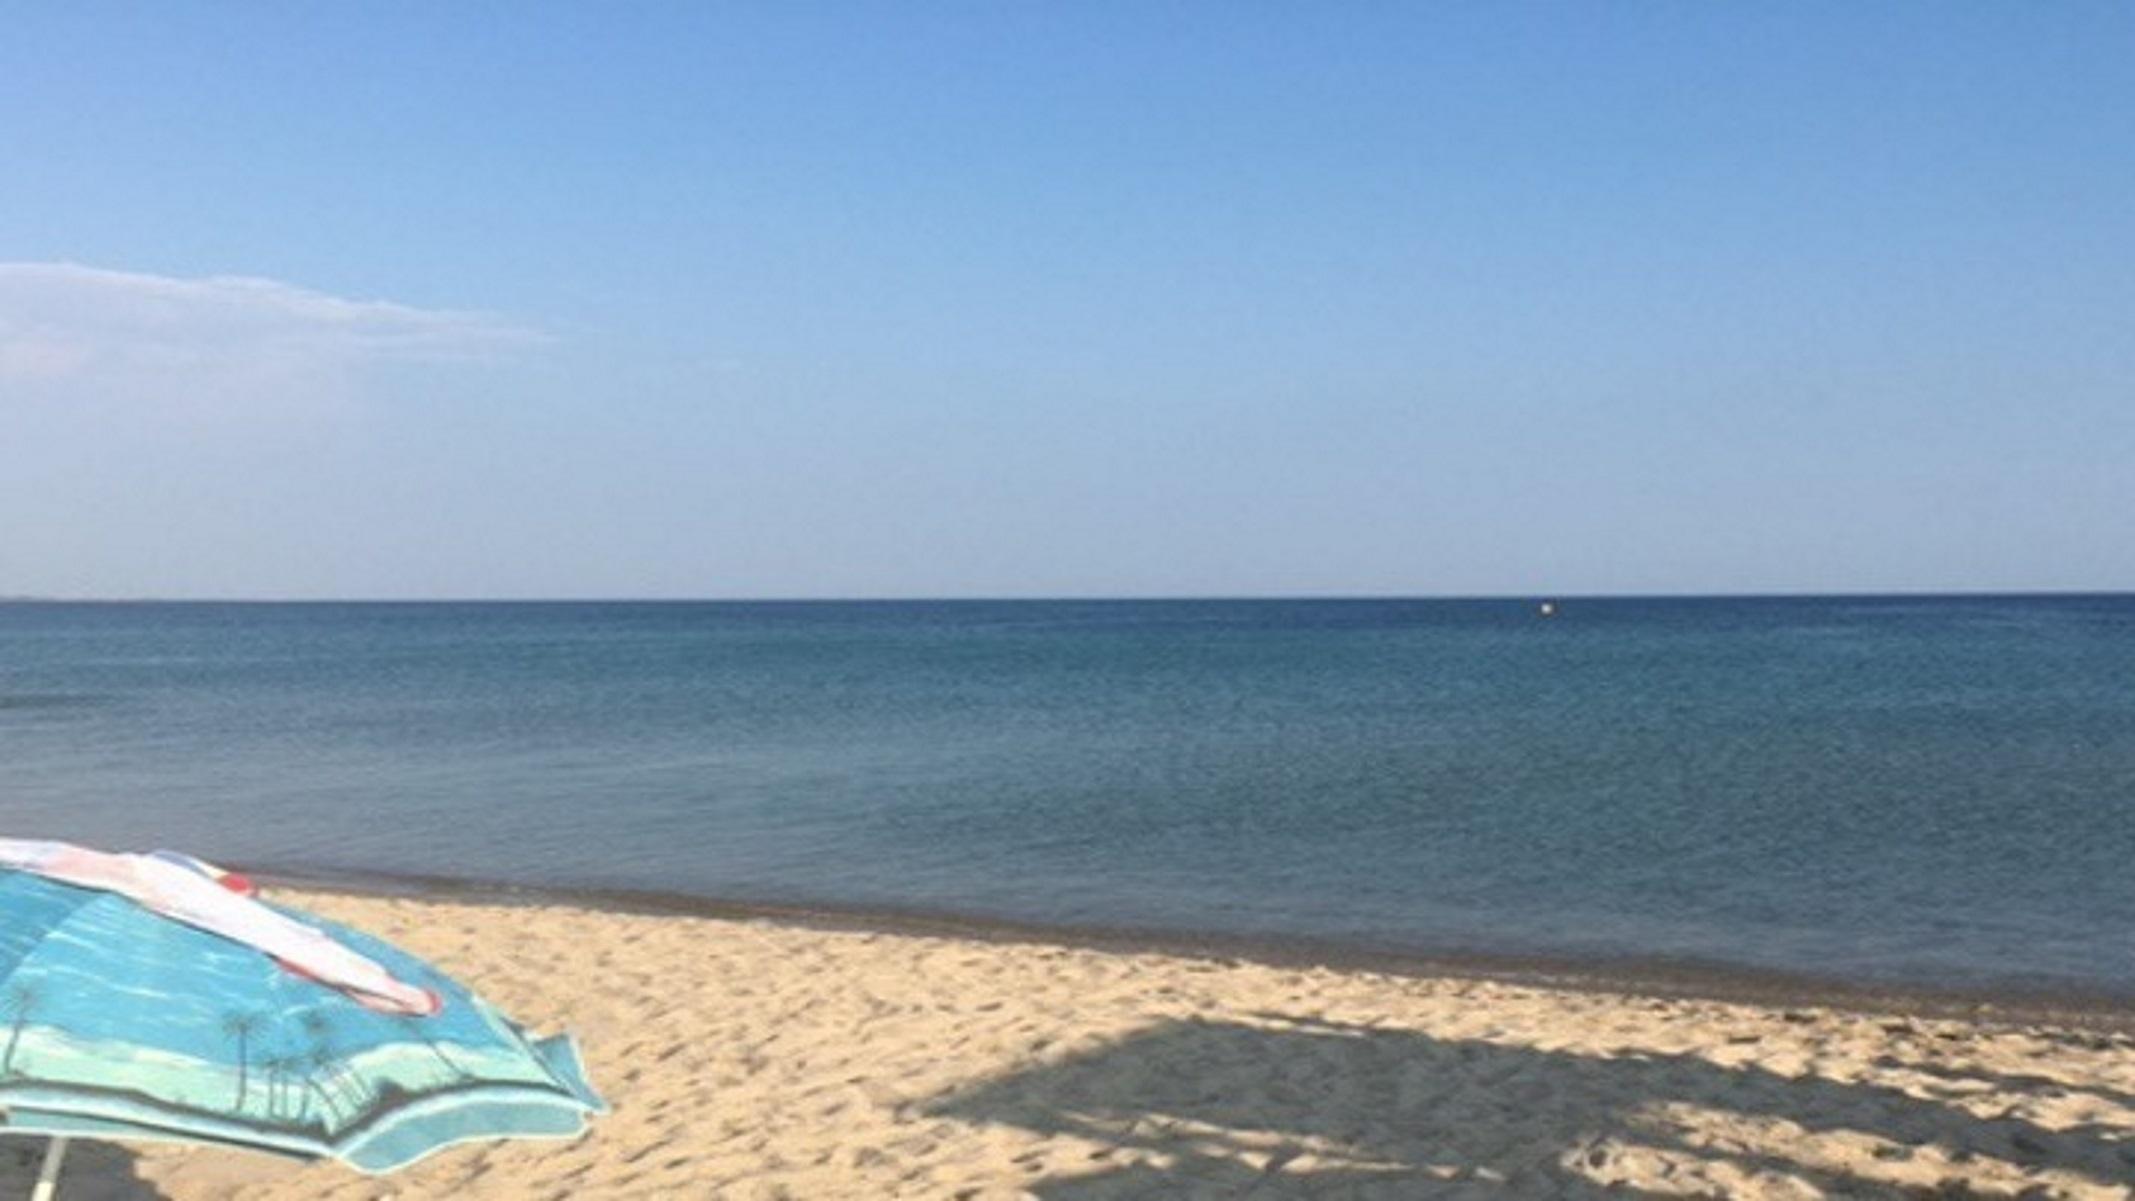 Κασσάνδρα Χαλκιδικής: Πεντακάθαρα τα νερά στην παραλία Παπαδιάς